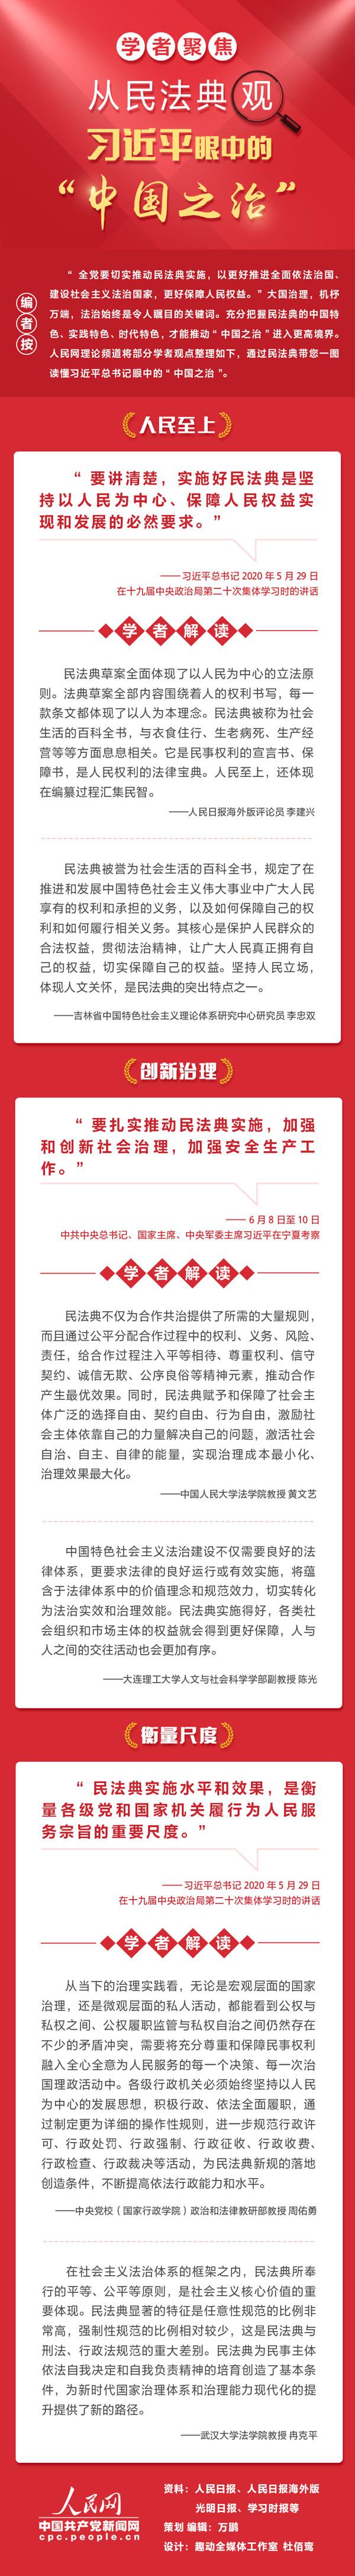 """一图读懂:从民法典观习近平眼中的""""中国之治"""